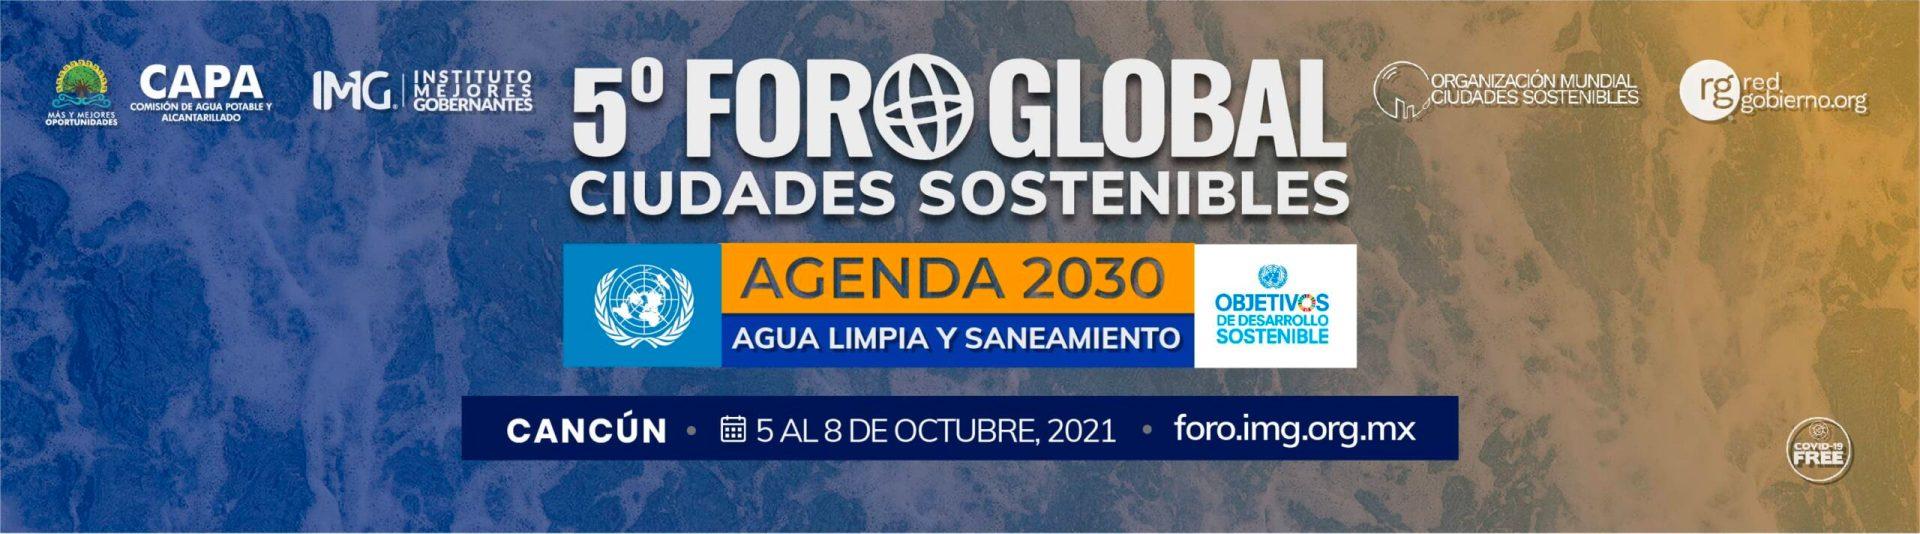 5º Foro Global Ciudades Sostenibles, «Agenda 2030 de la ONU, Agua Limpia y Saneamiento» Cancún, México - CAPA, OMCS, Instituto Mejores Gobernantes, Red Gobierno